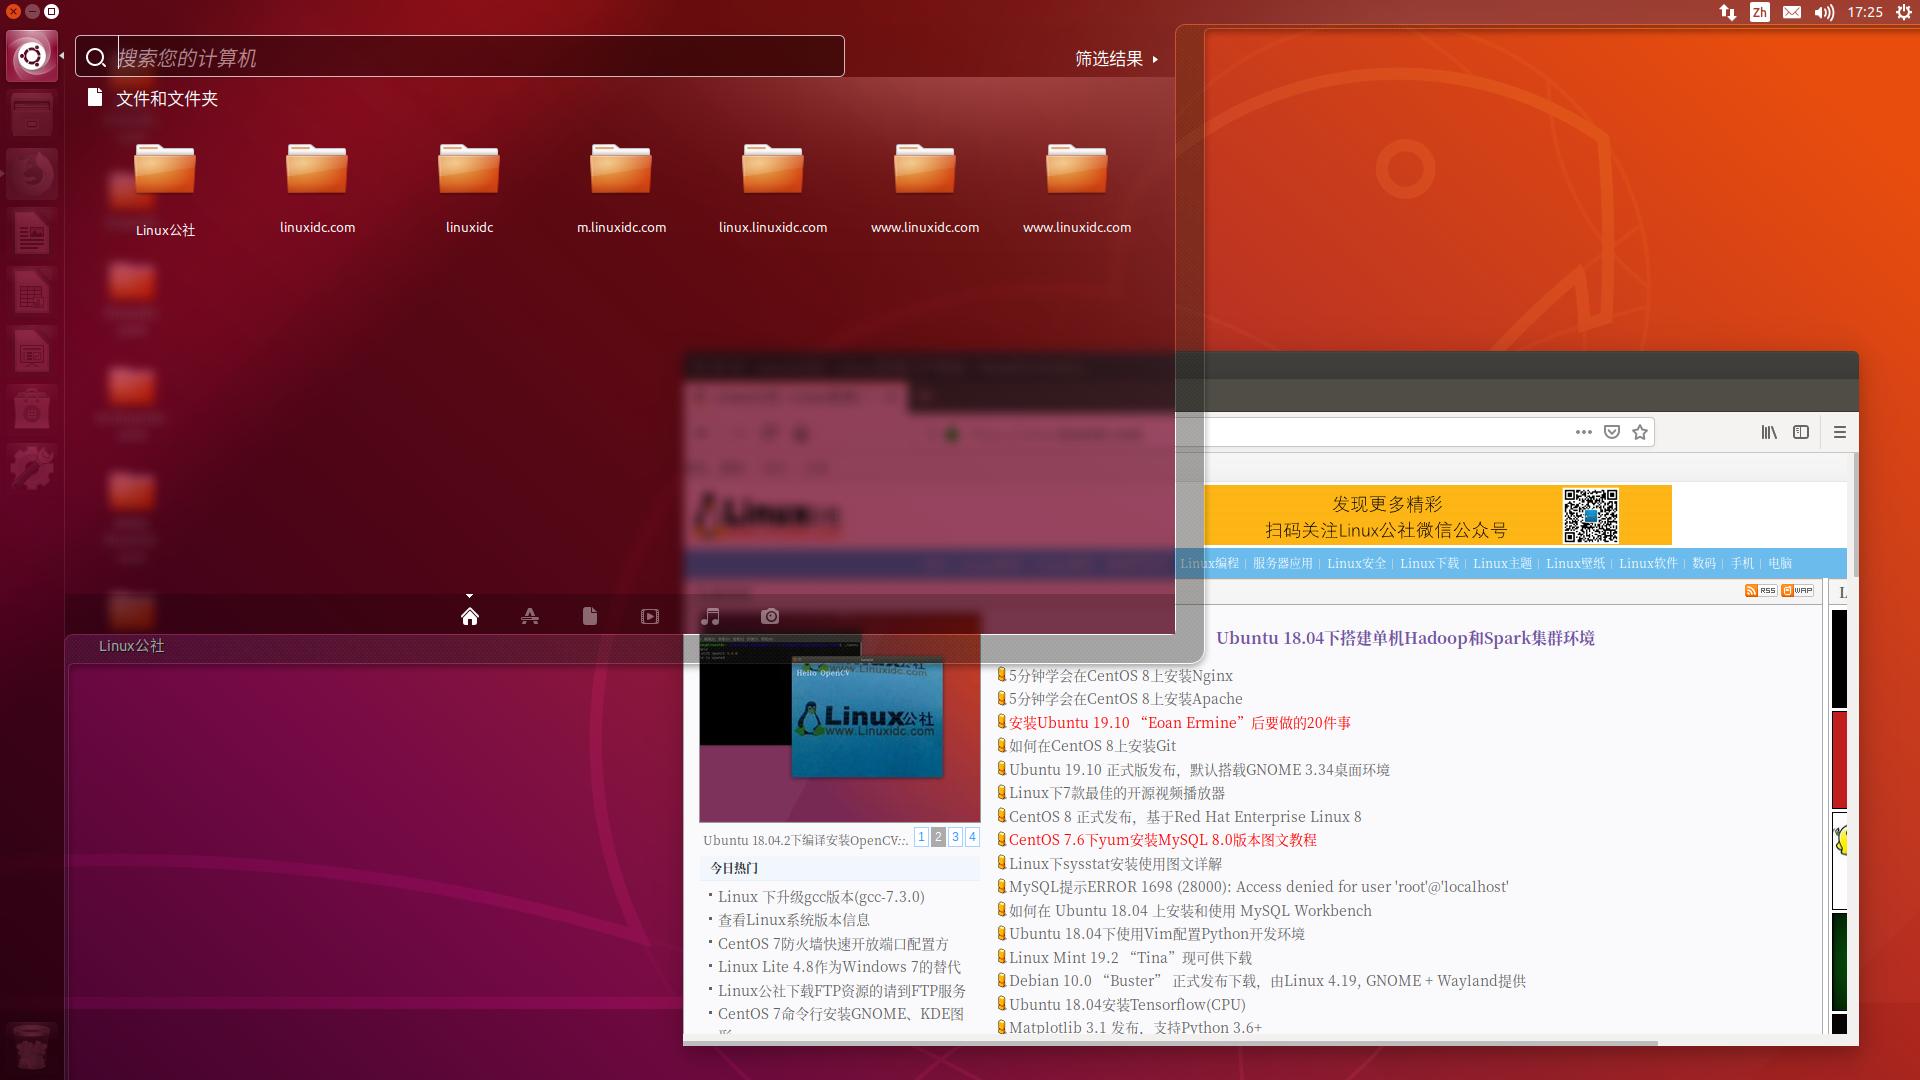 如何在Ubuntu 18.04.2 LTS中安装Unity桌面环境